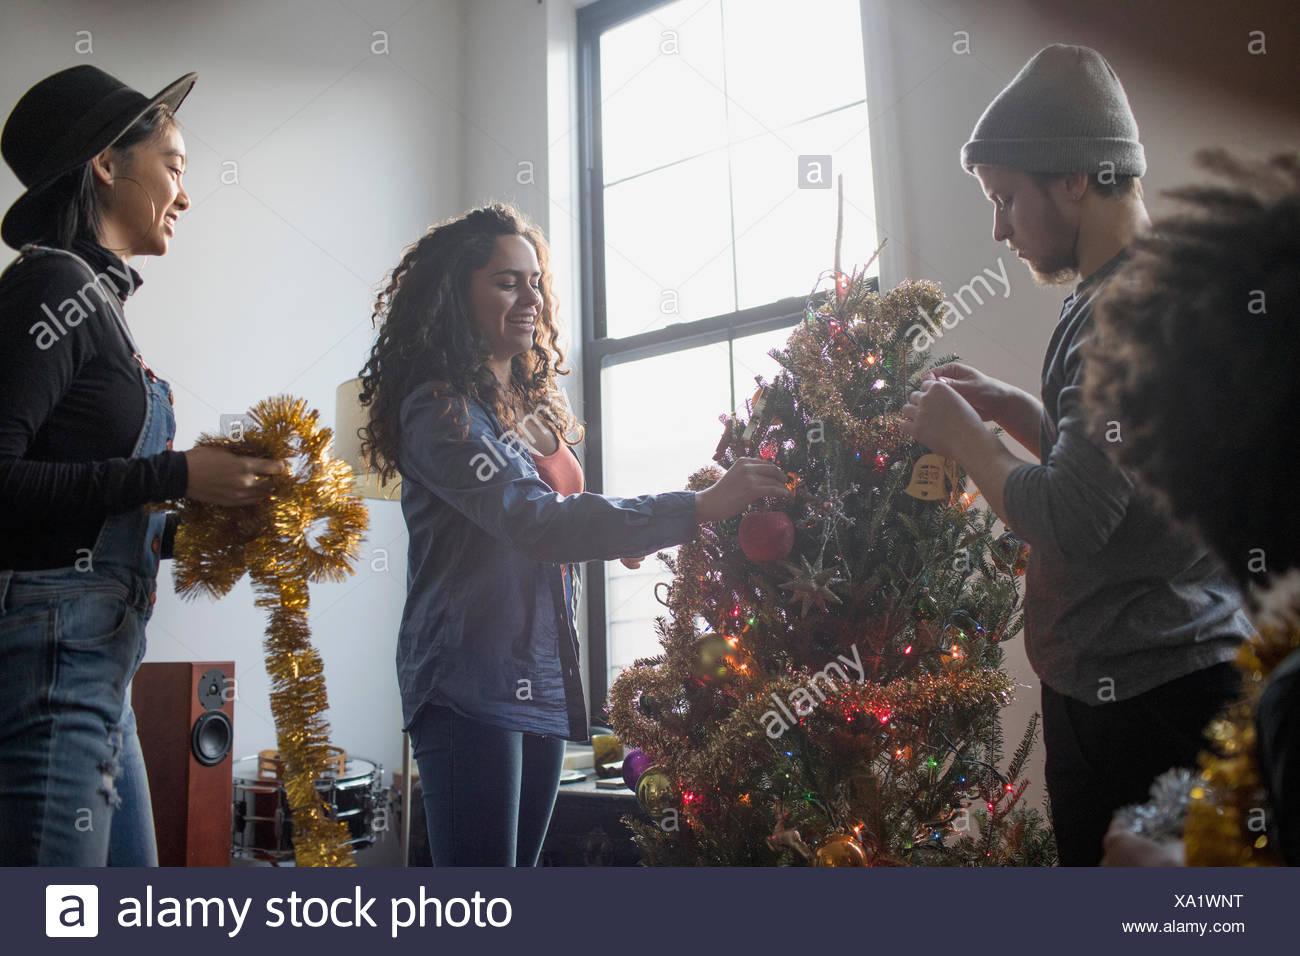 Un grupo de personas a decorar un árbol de navidad Imagen De Stock